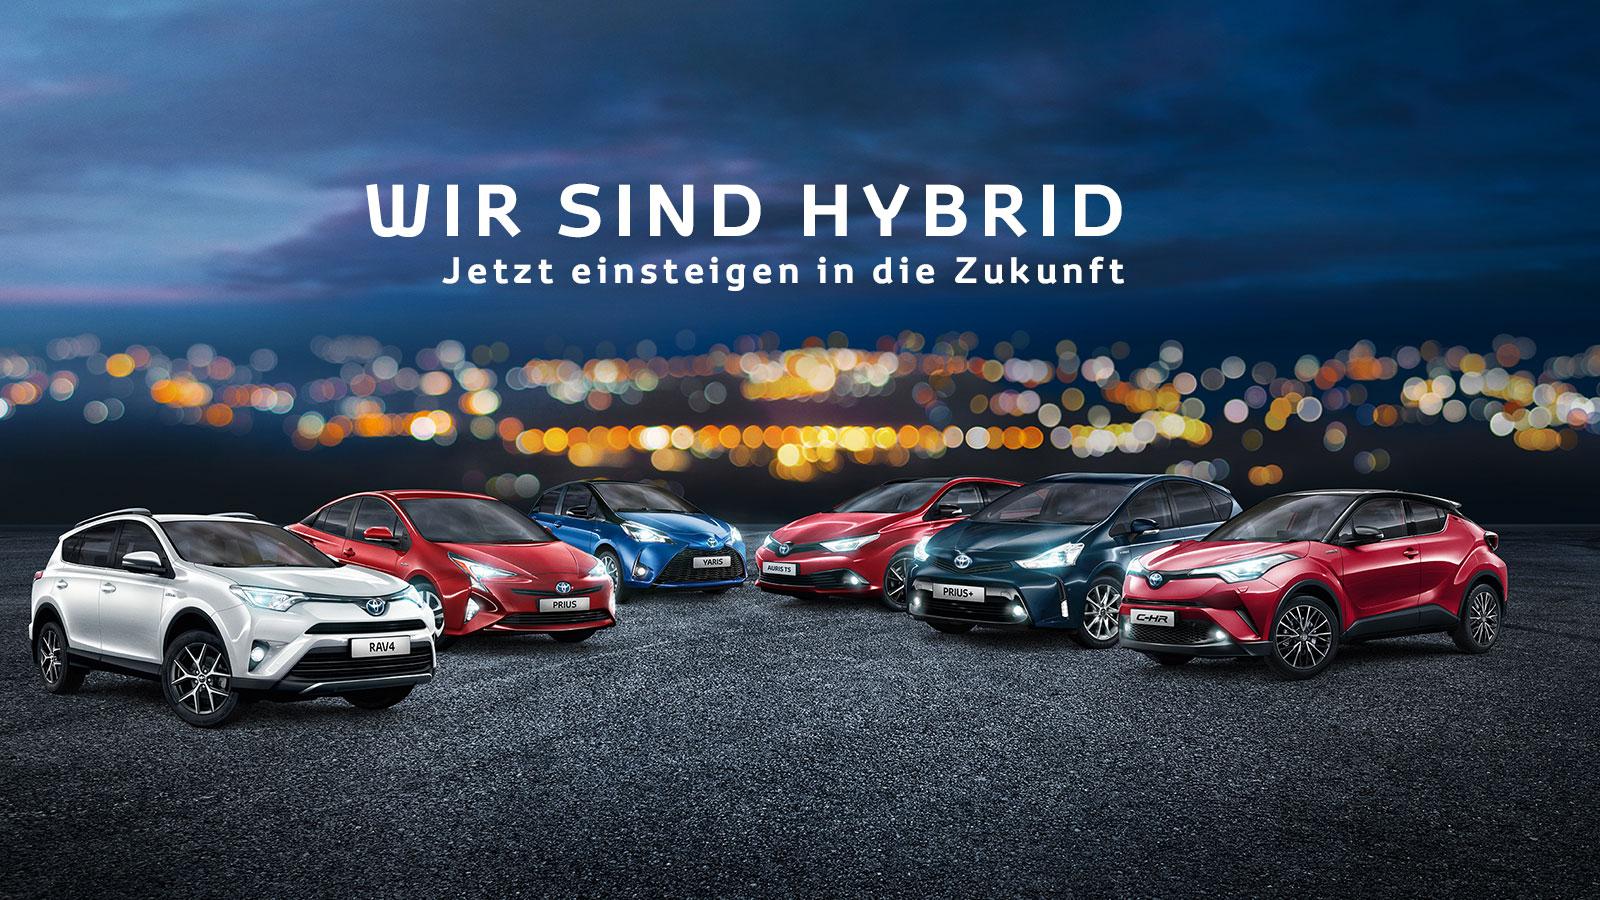 Toyota Hybrid Alle Unsere Hybridmodelle Auf Einen Blick